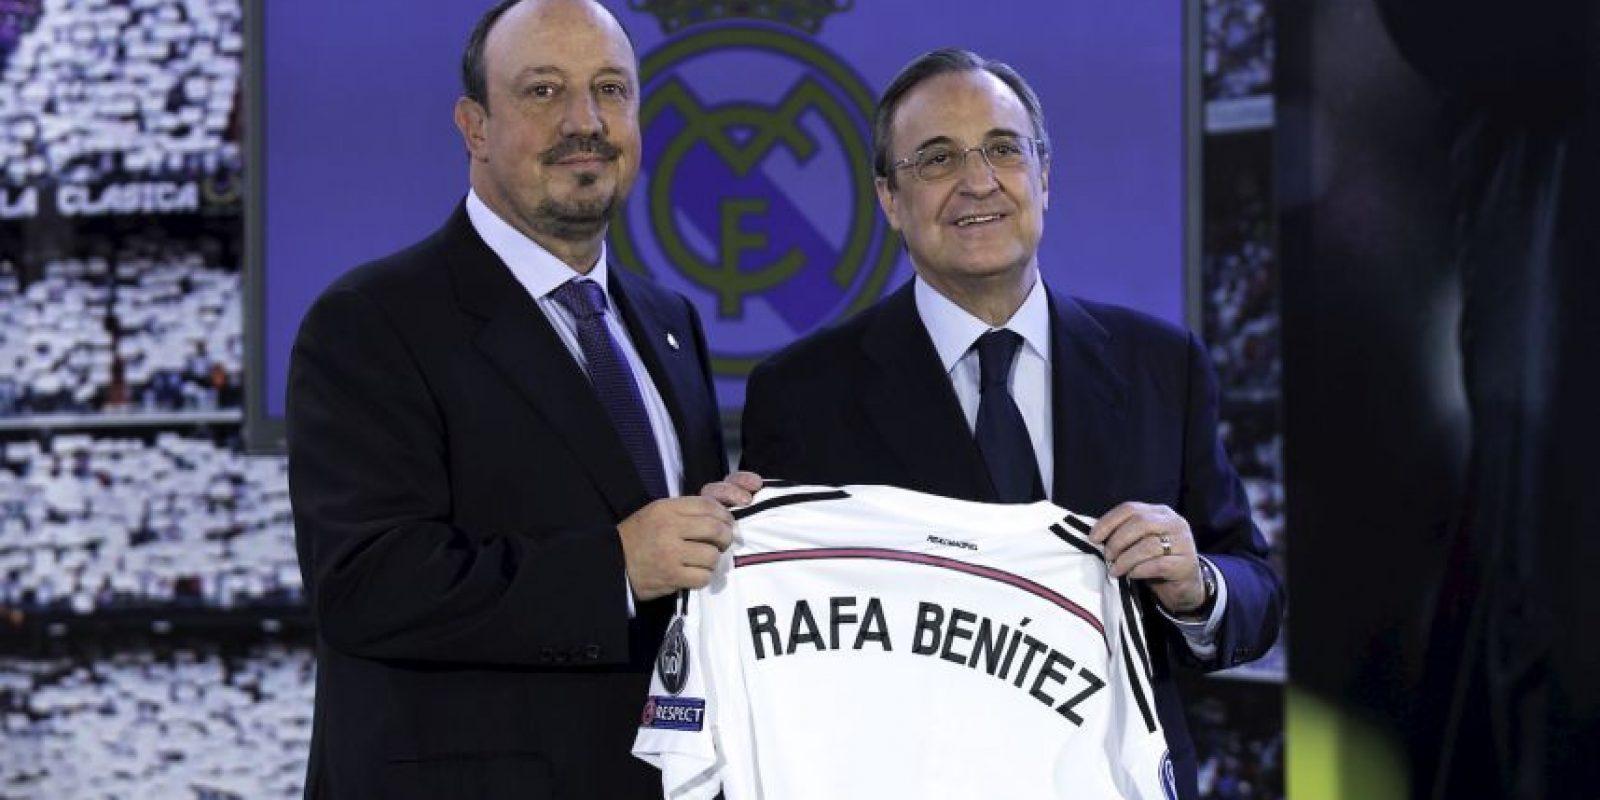 Rafael Benítez es el nuevo entrenador del Real Madrid y ya comenzó a planear la siguiente temporada. Foto:Getty Images